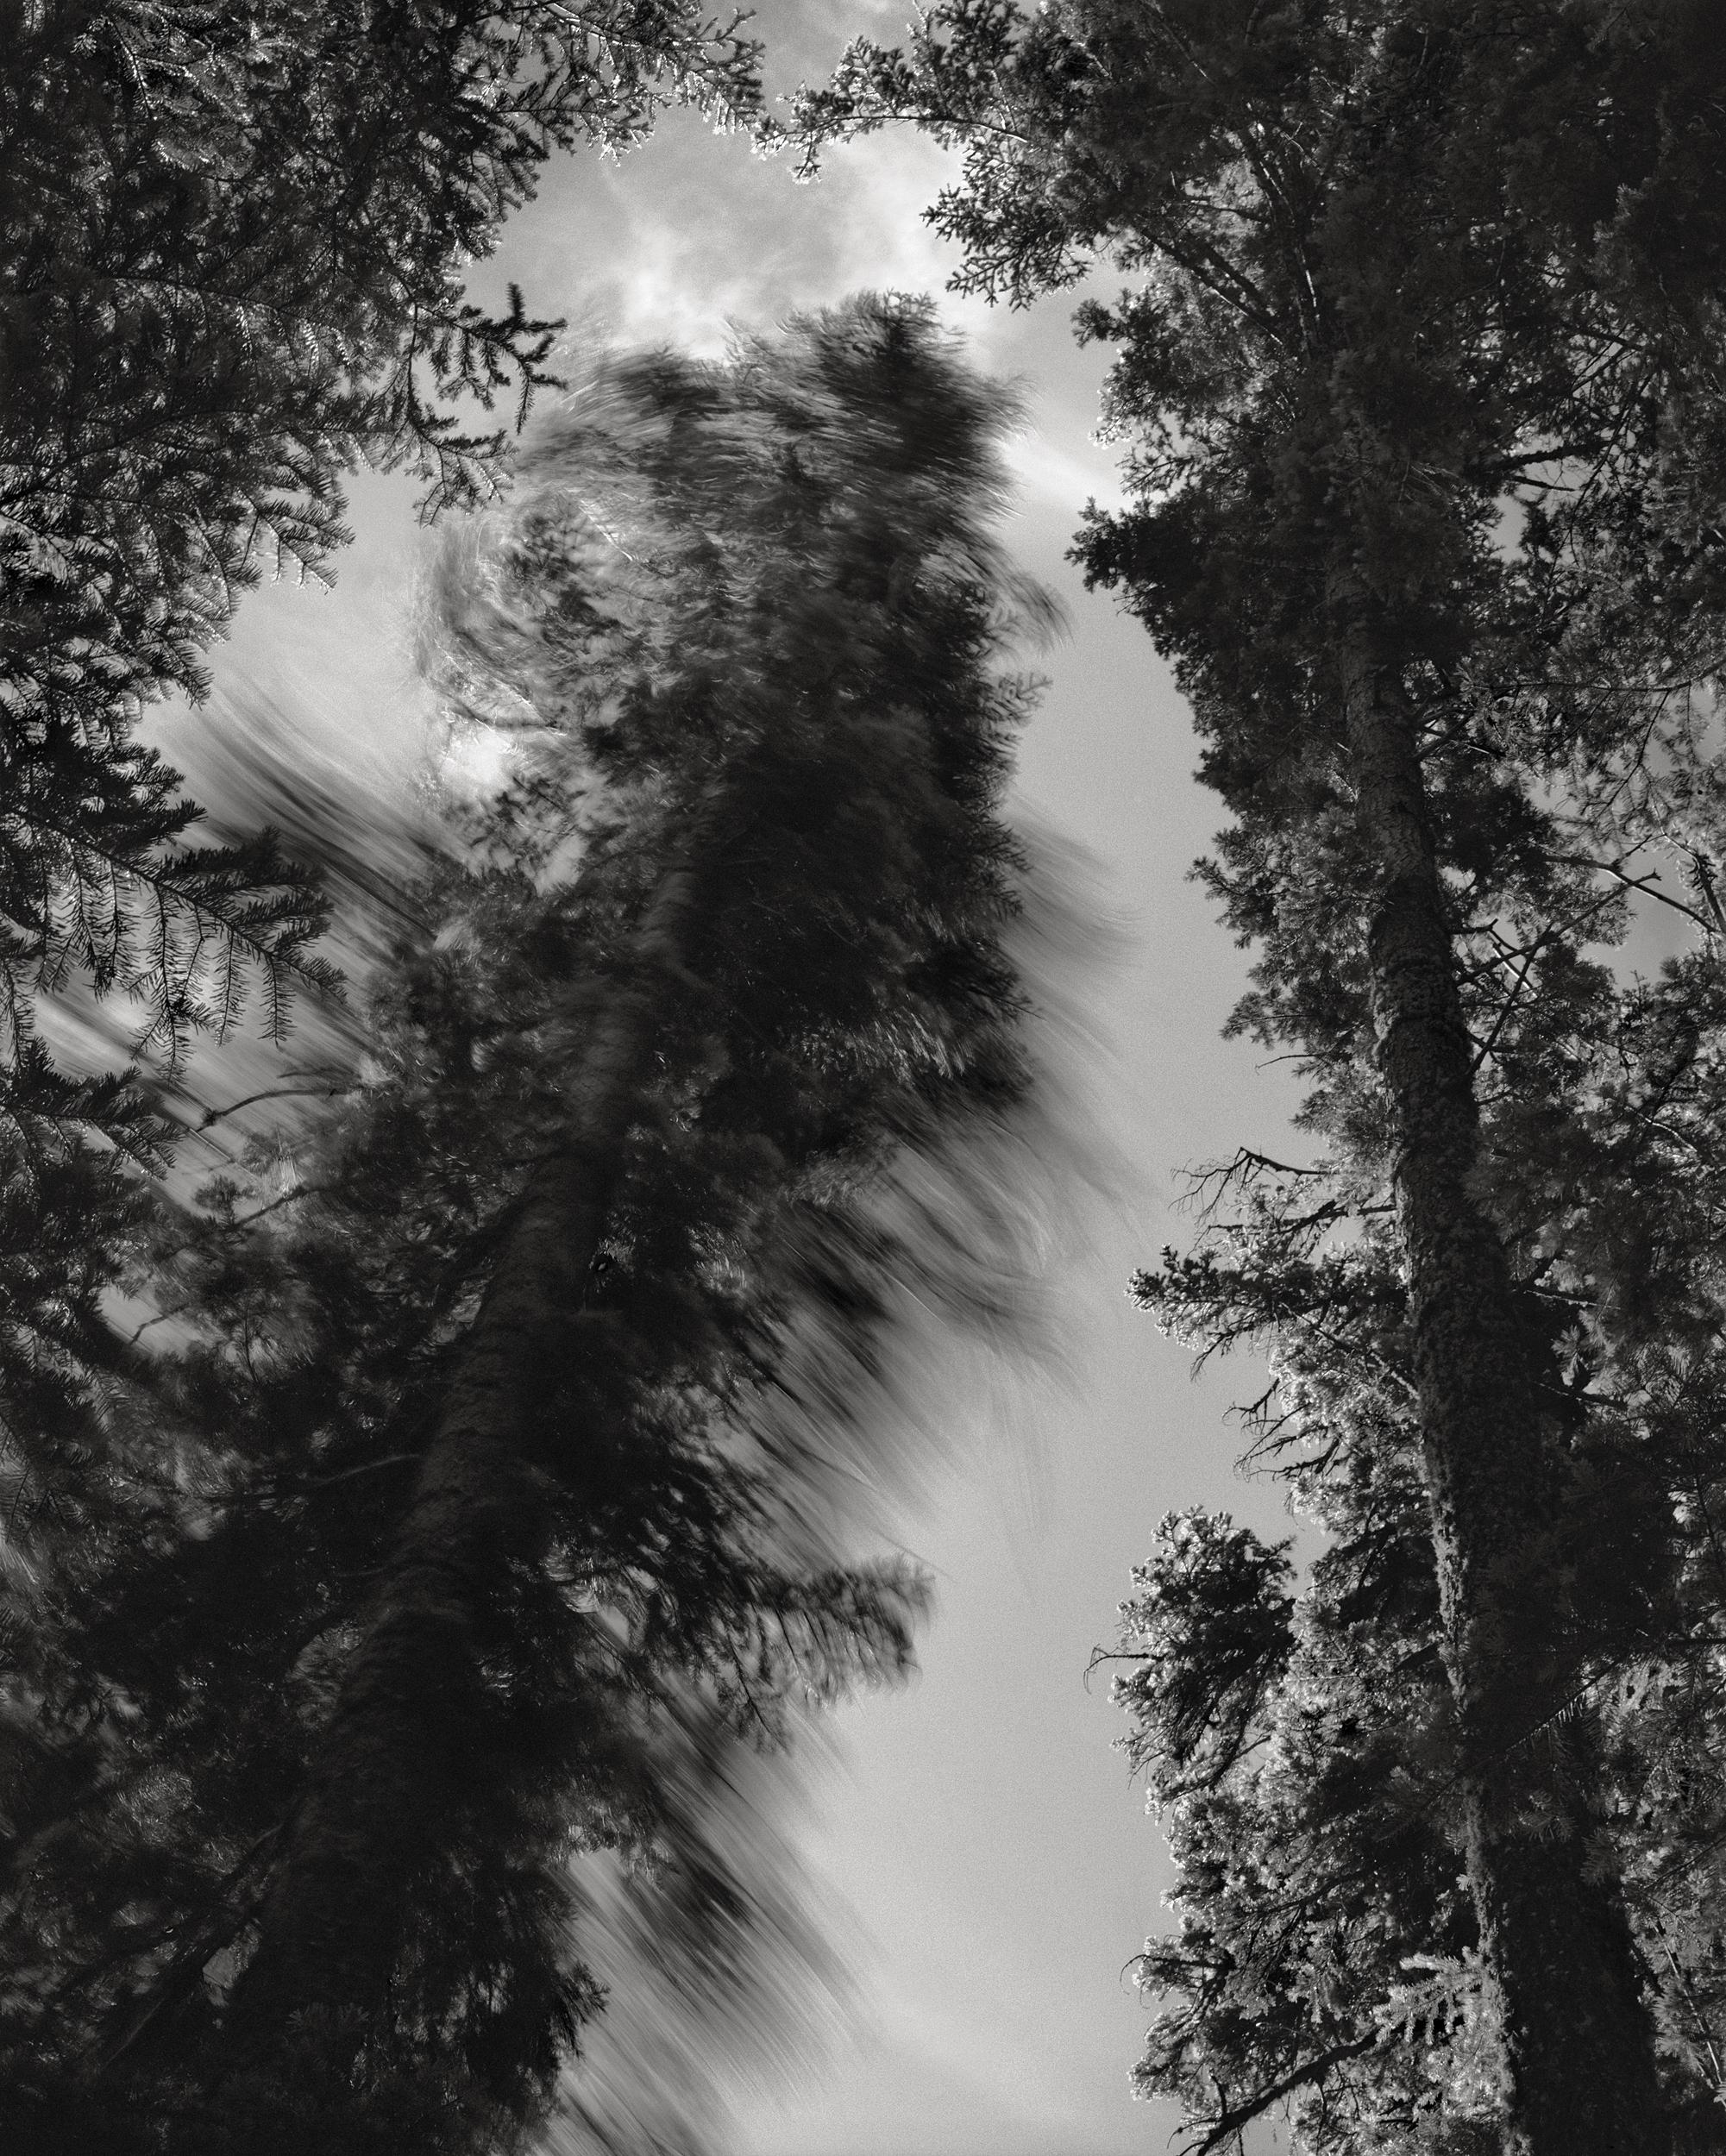 Falling Tree #11, 1989